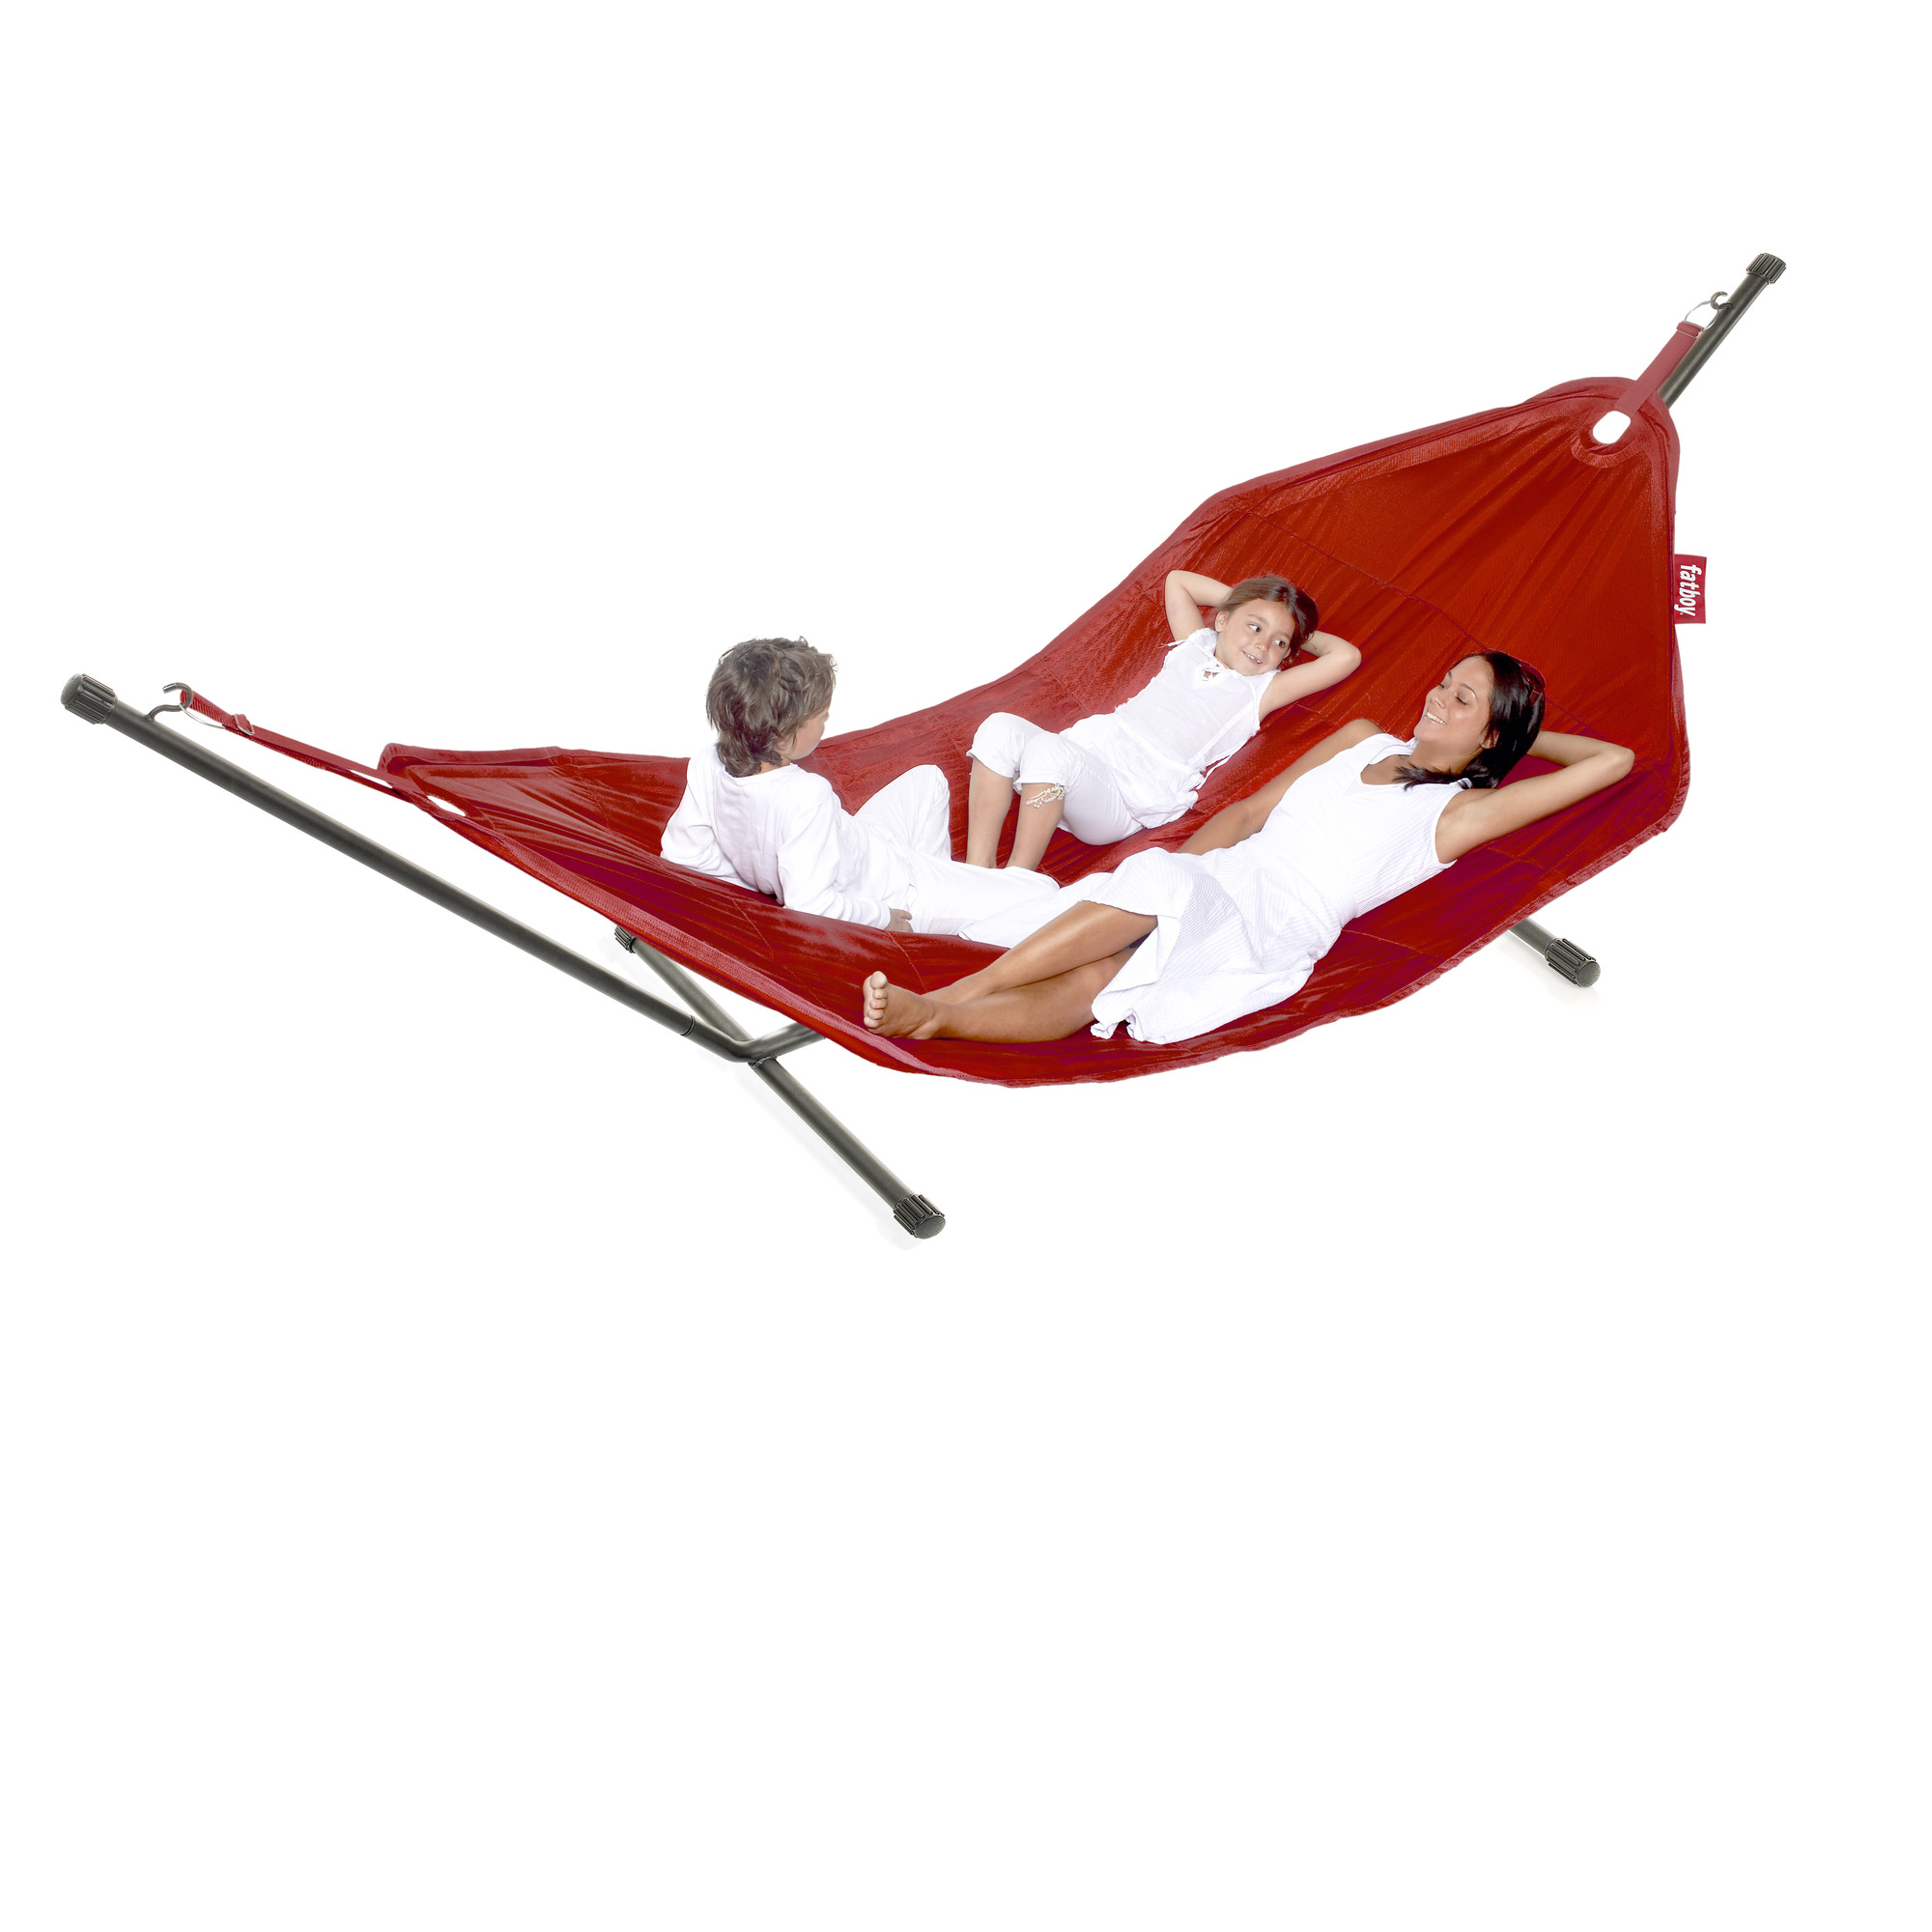 Hangmat Voor 2 Personen.Fatboy Hangmat Rood Topdesign Nl